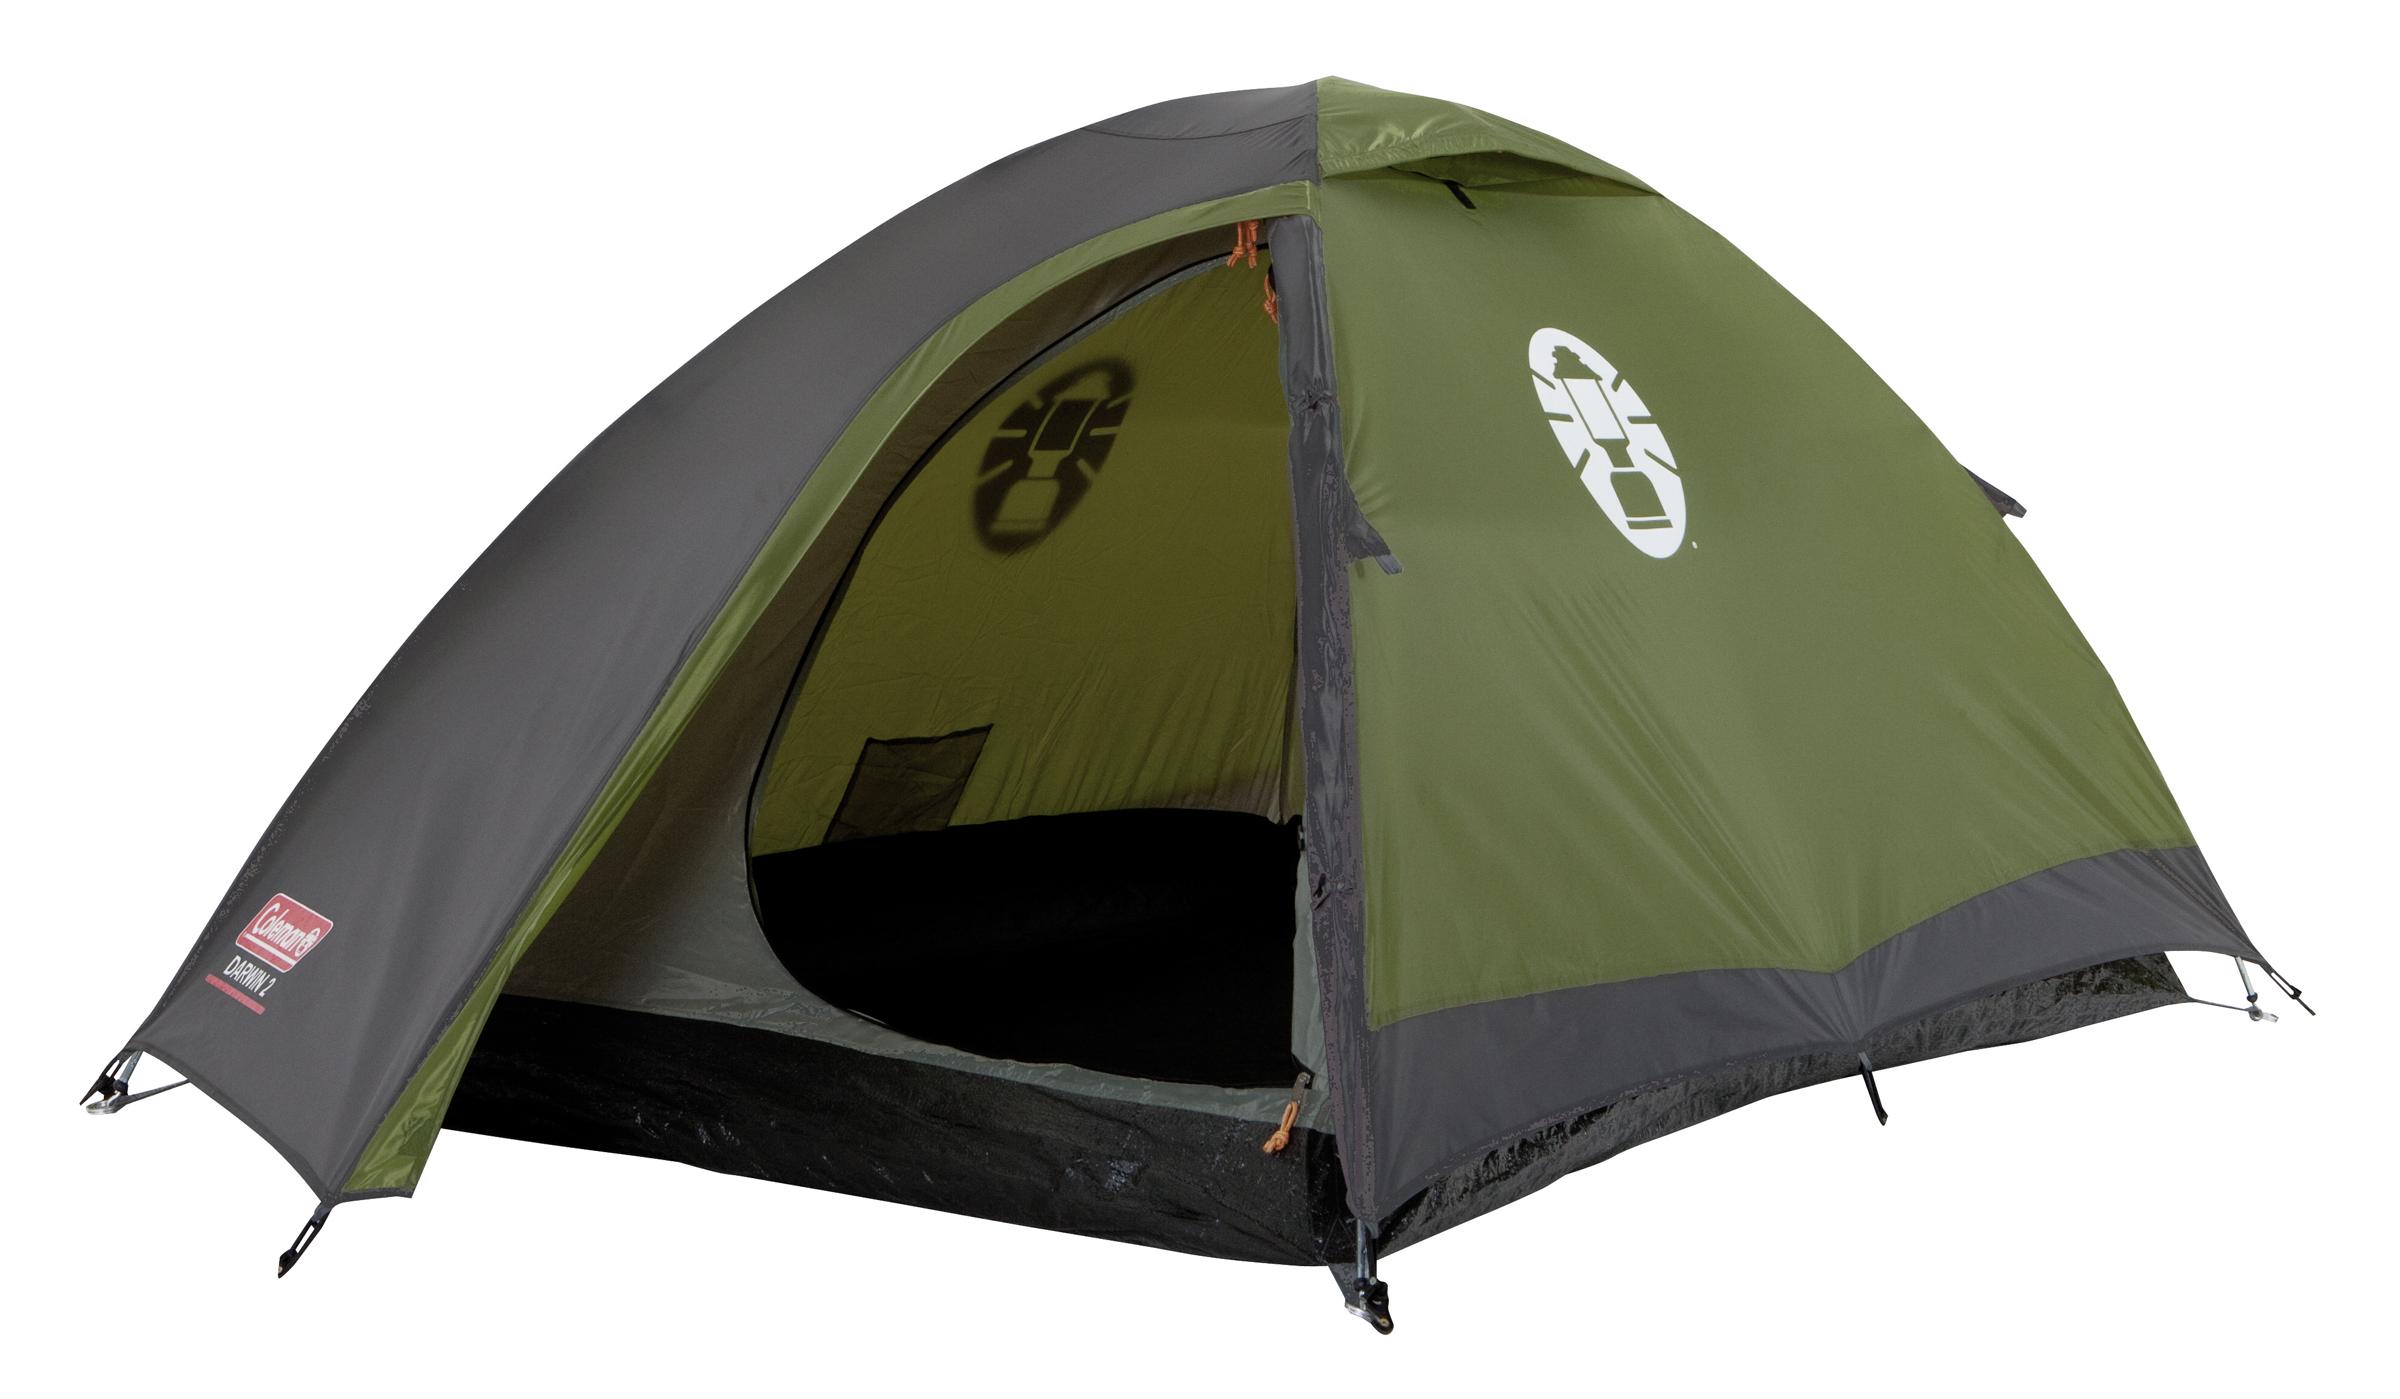 Coleman Darwin 2 Koepel Tent - Groen/Grijs